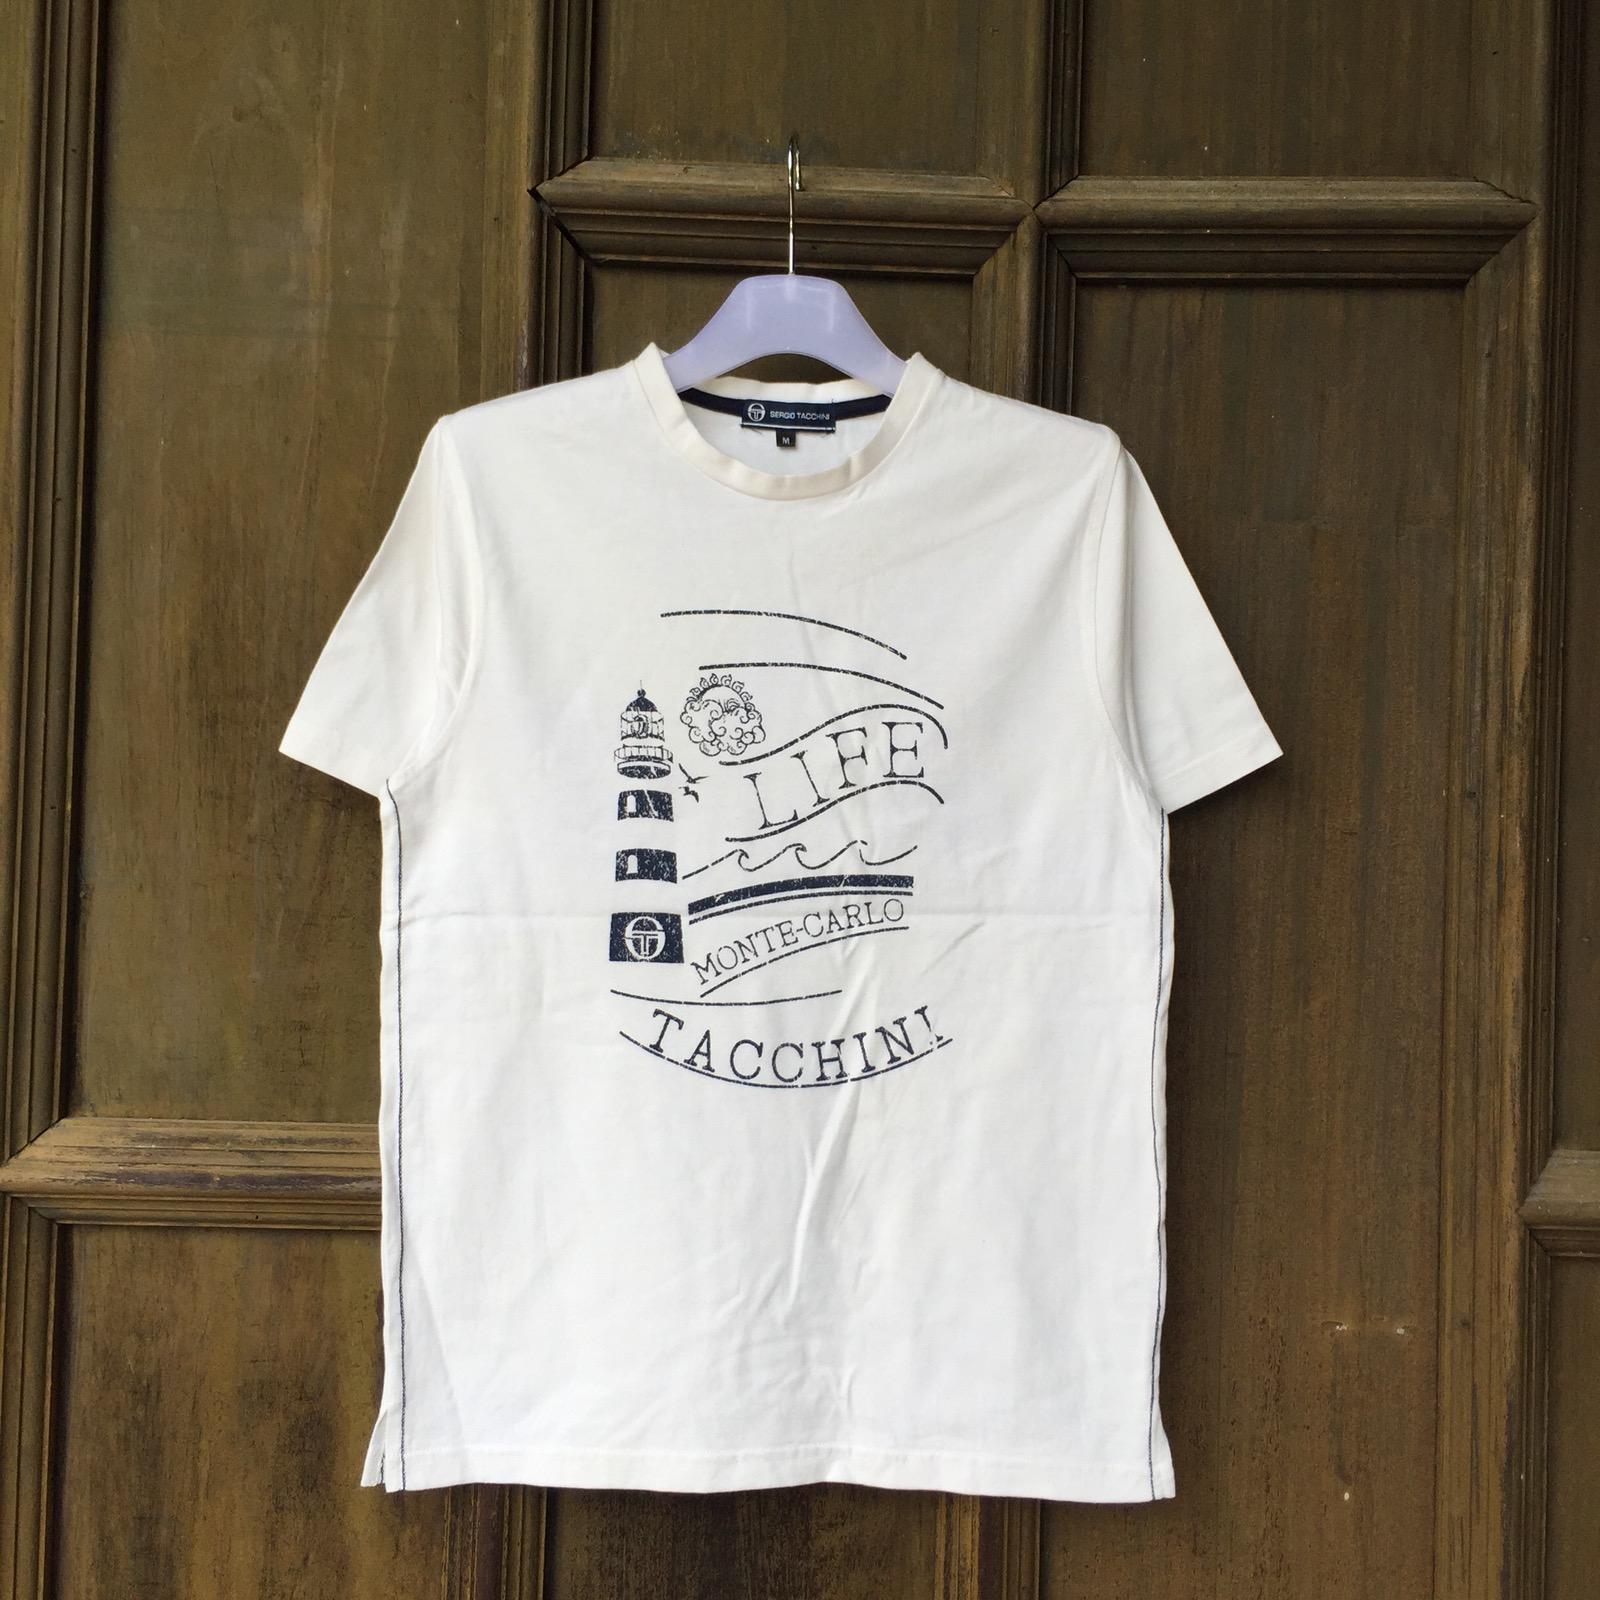 Designer Sergio Tacchini T Shirt Spell Out Big Design Monte Carlo Italy Brand Italian Fashion Designer Grailed